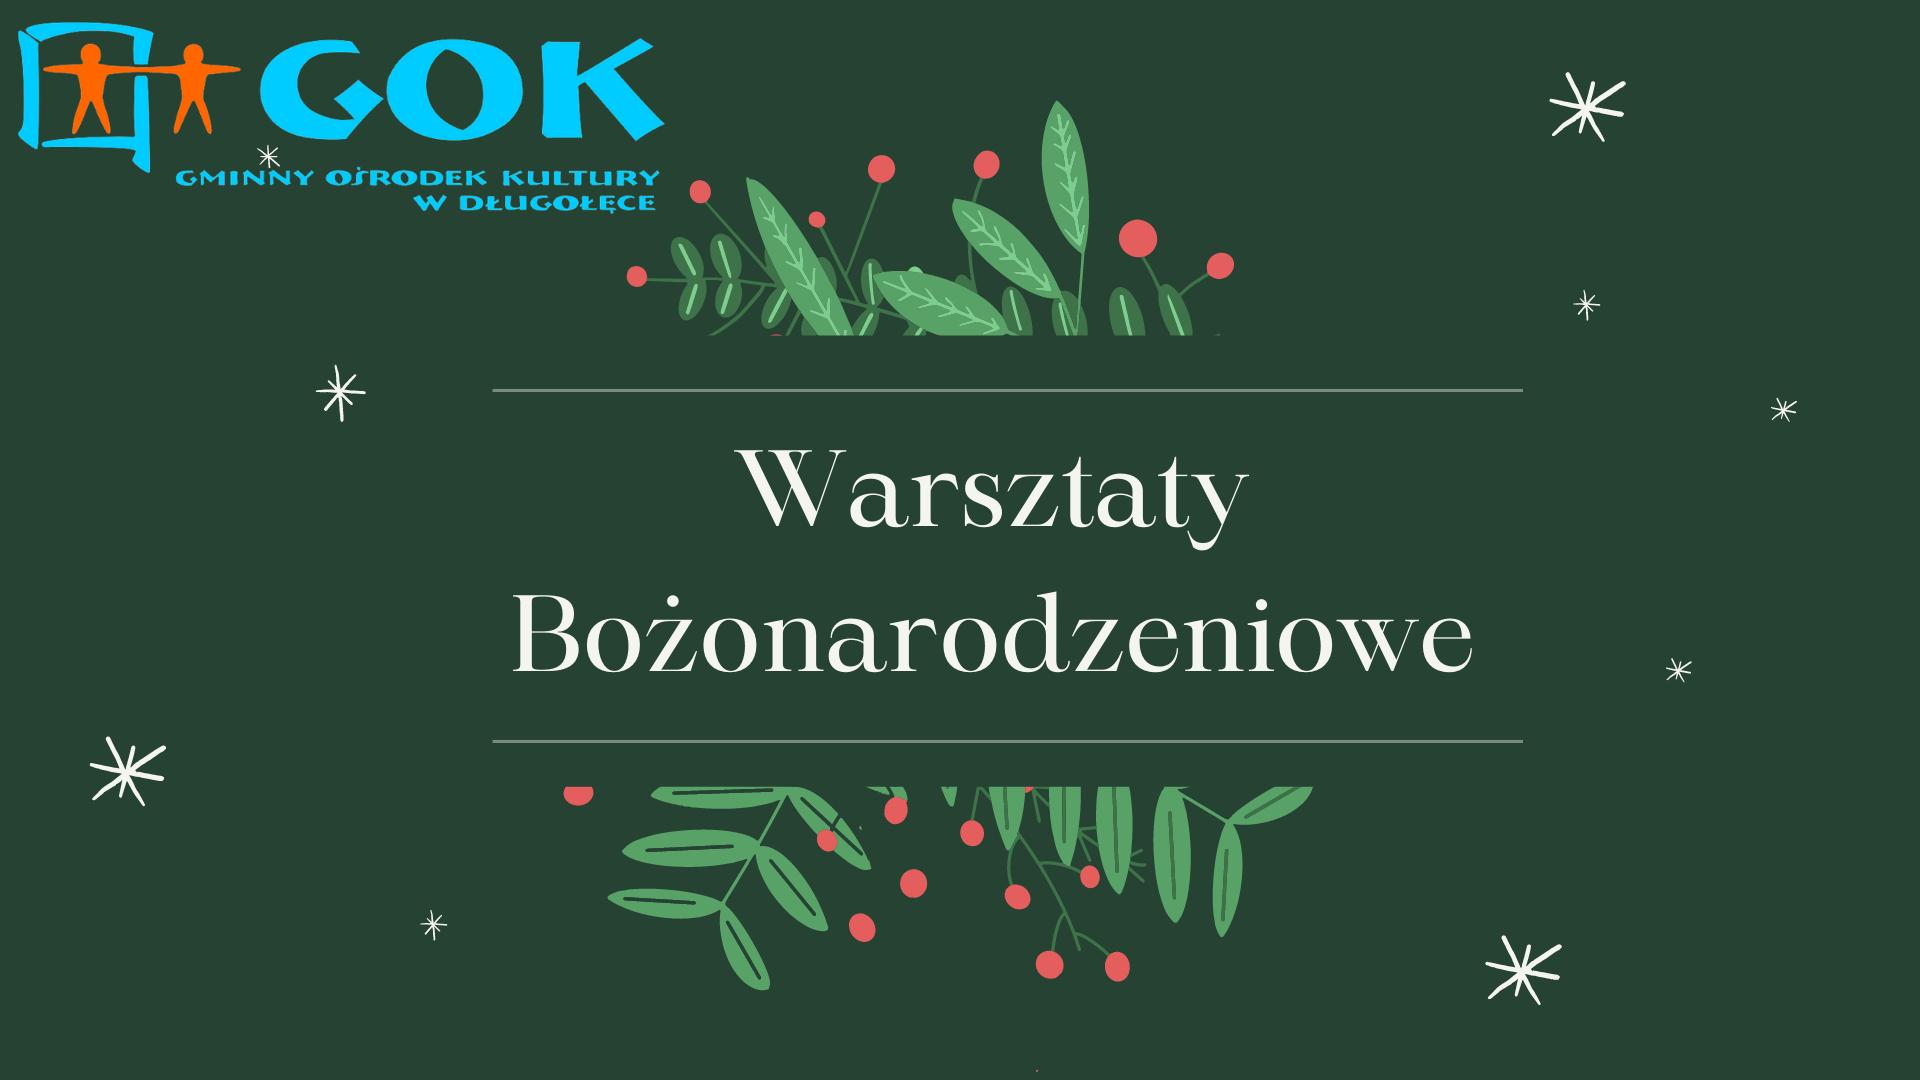 Warsztaty bożonarodzeniowe – org. Gminny Ośrodek Kultury w Długołęce